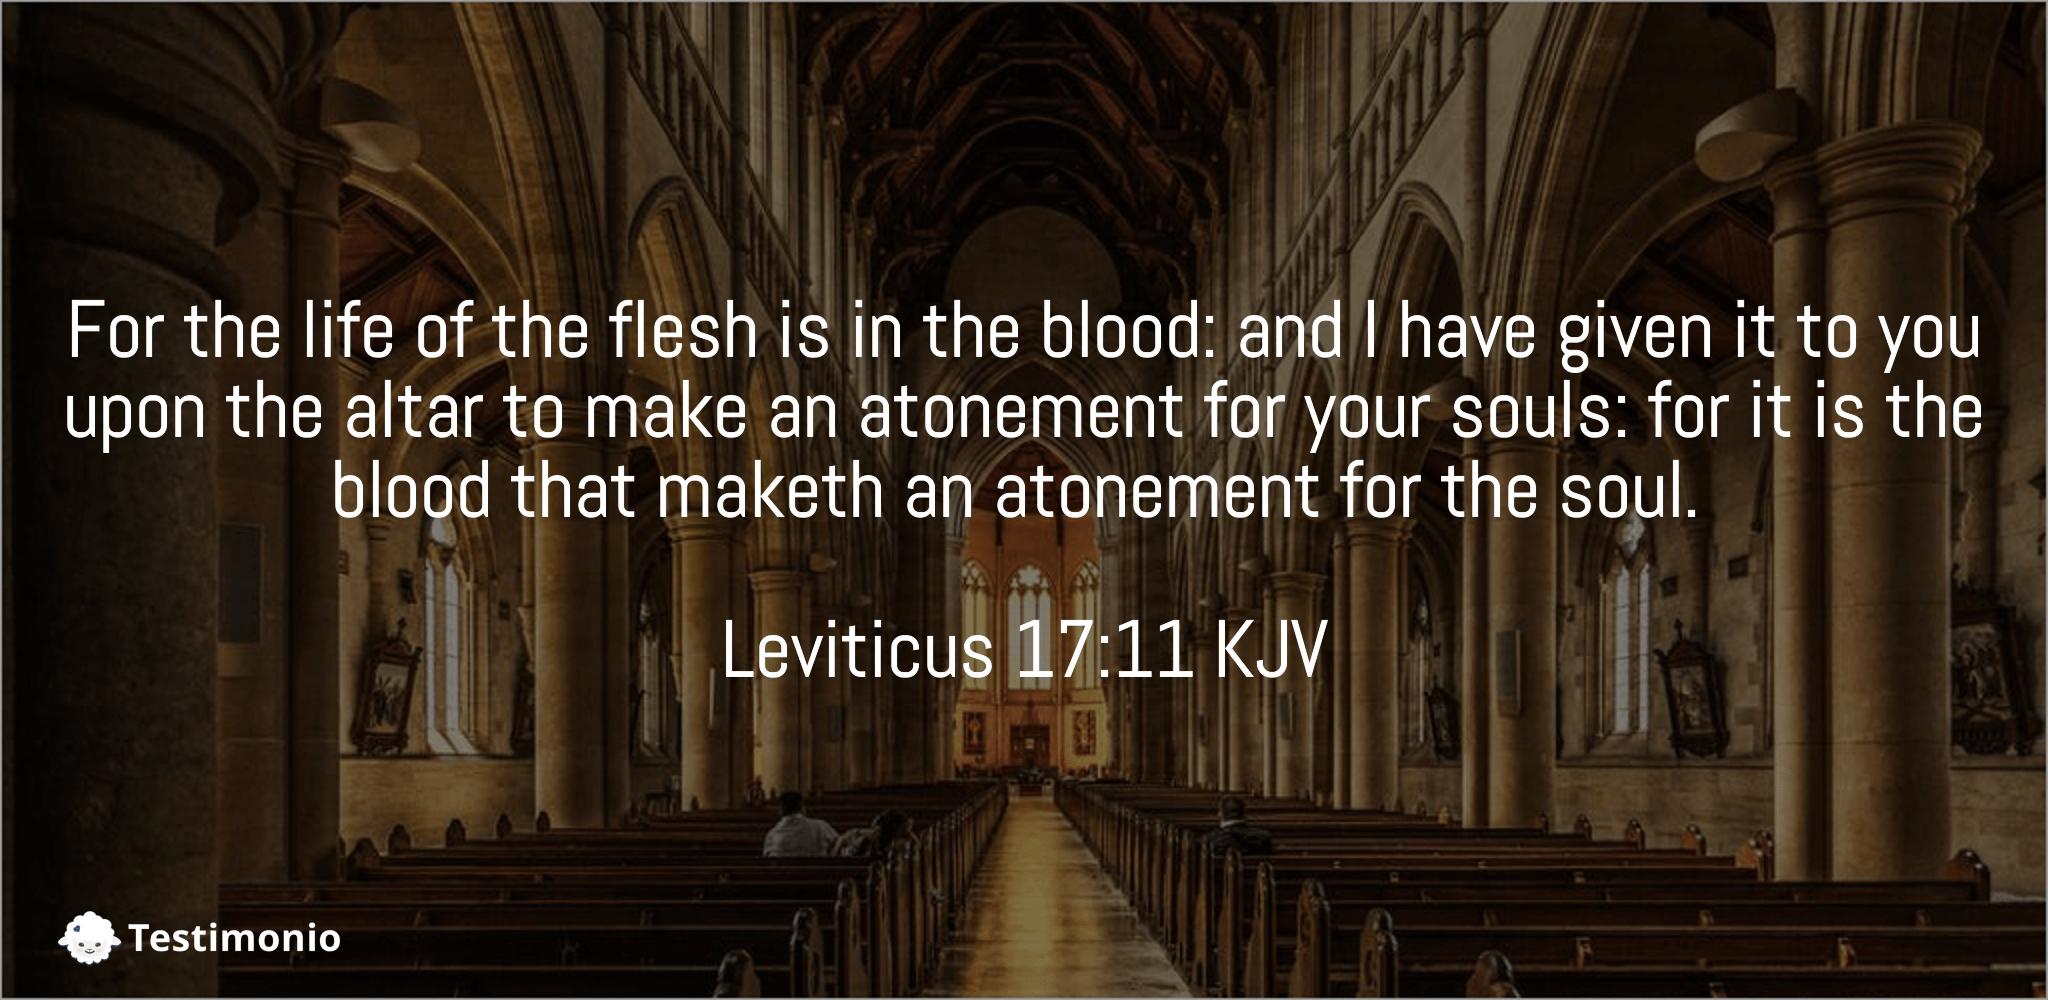 Leviticus 17:11